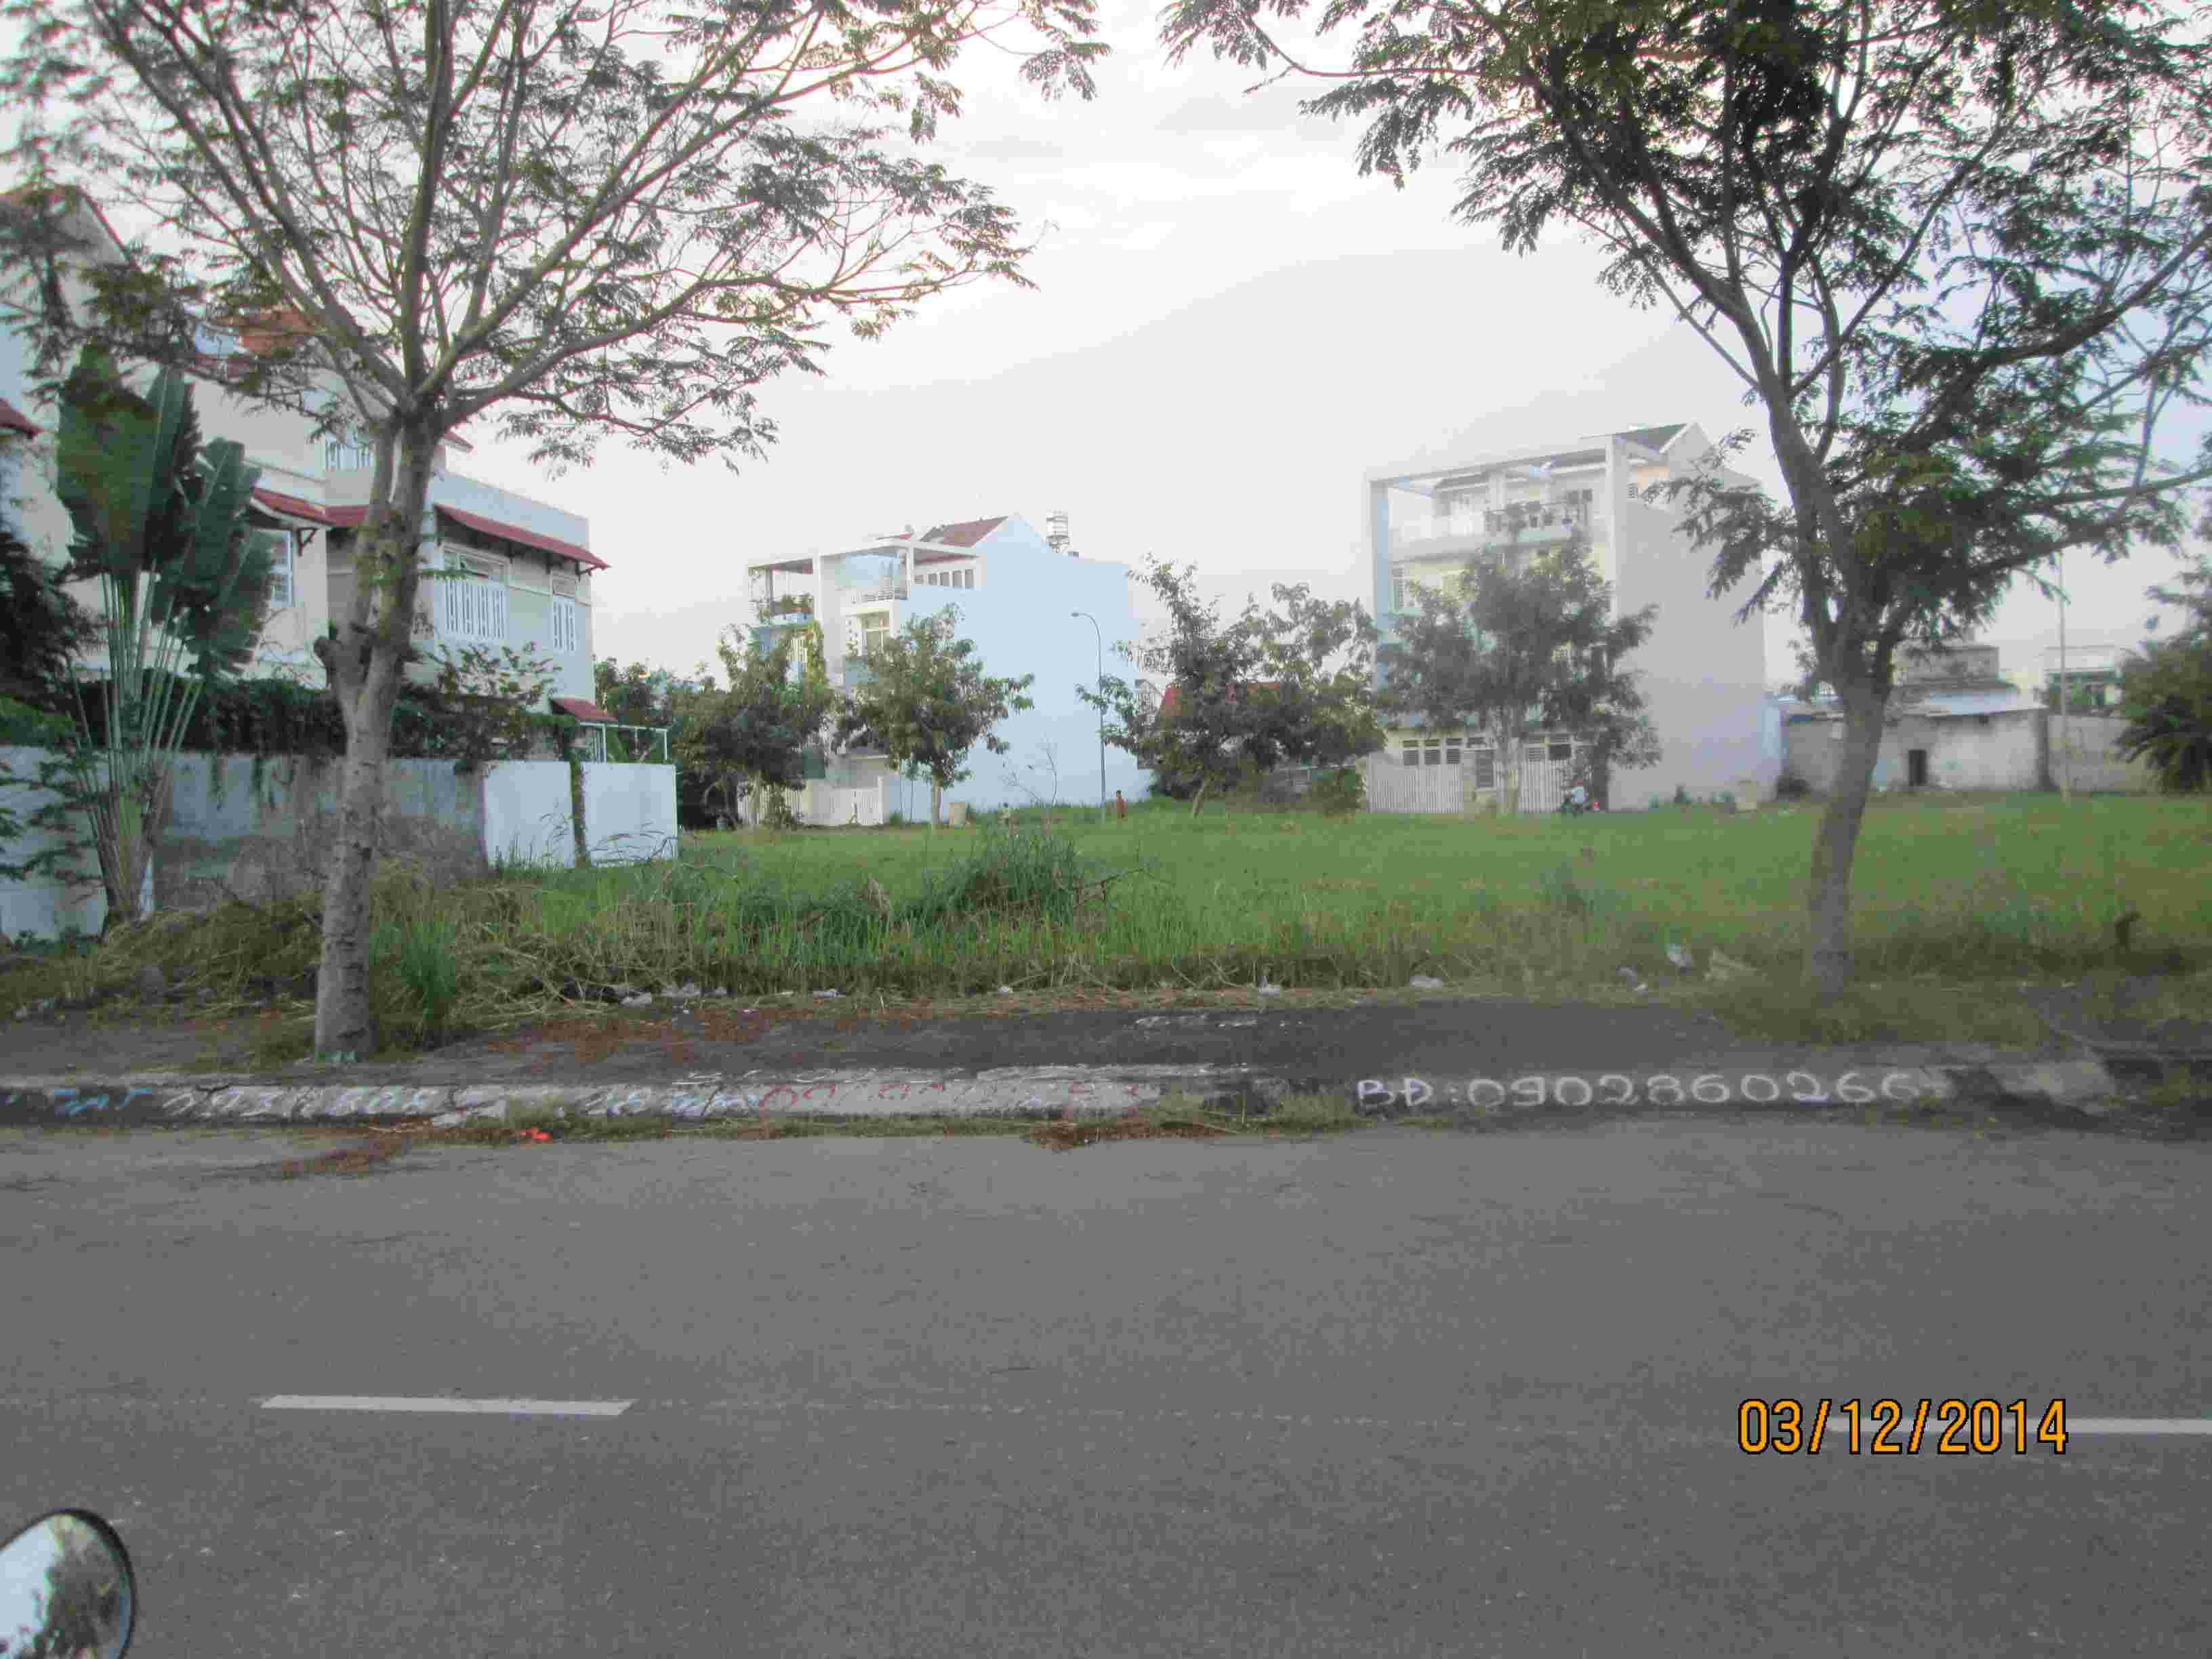 Bán đất nền biệt thự dự án Sadeco Nghỉ Ngơi Giải Trí, nền A69, View Công Viên Phú Mỹ Hưng, 250m2, giá 78 triệu/m2. LH: 0913.050.053